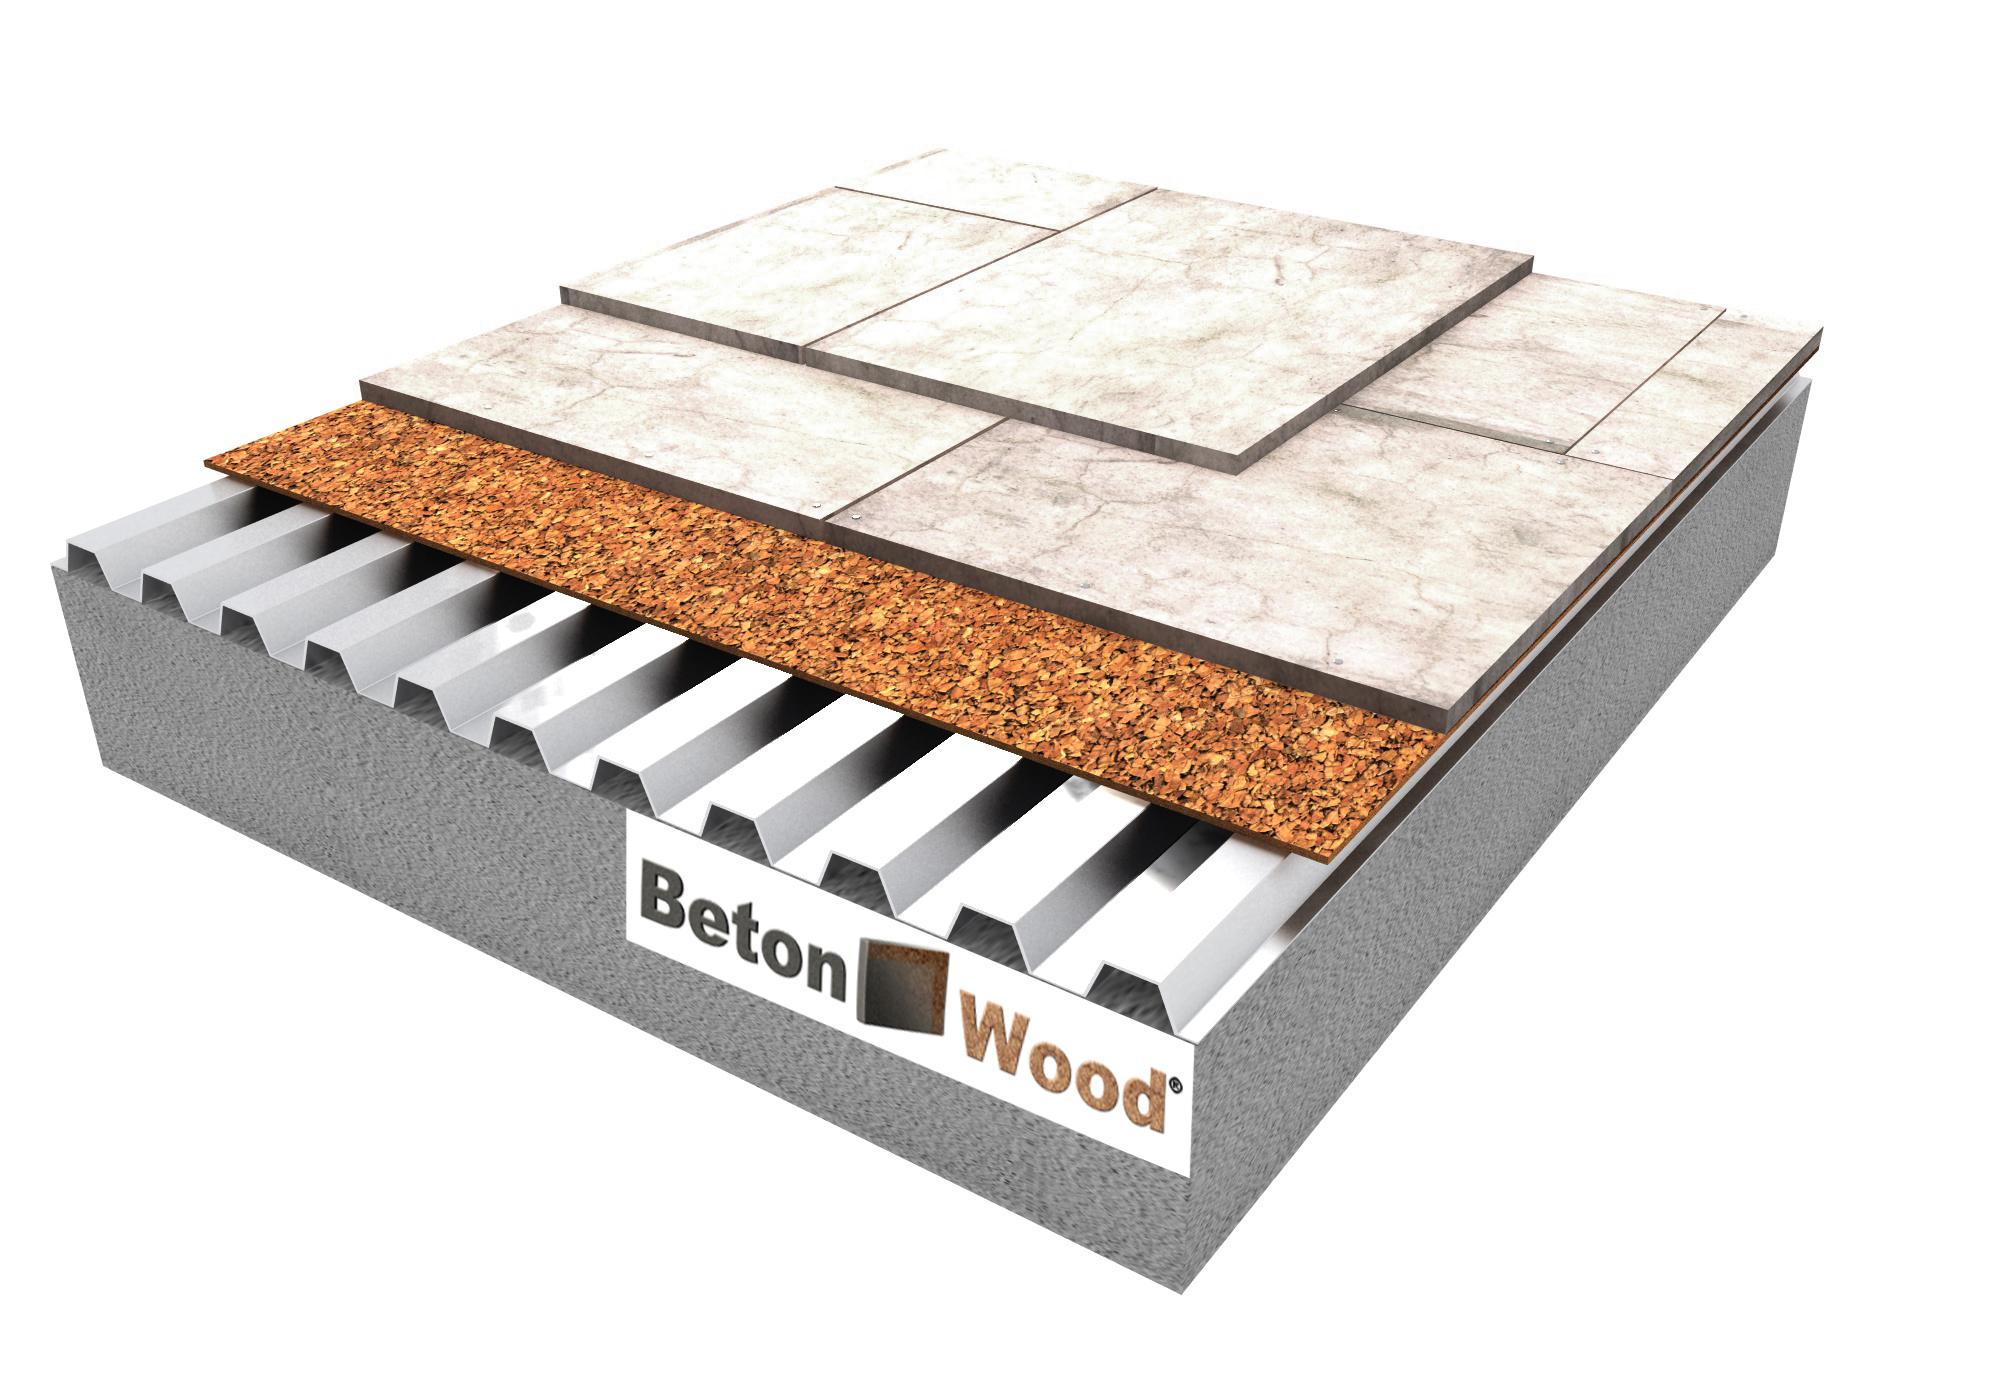 Soluzione tecnica Massetto in BetonWood e rotolo in sughero biondo su lamiera